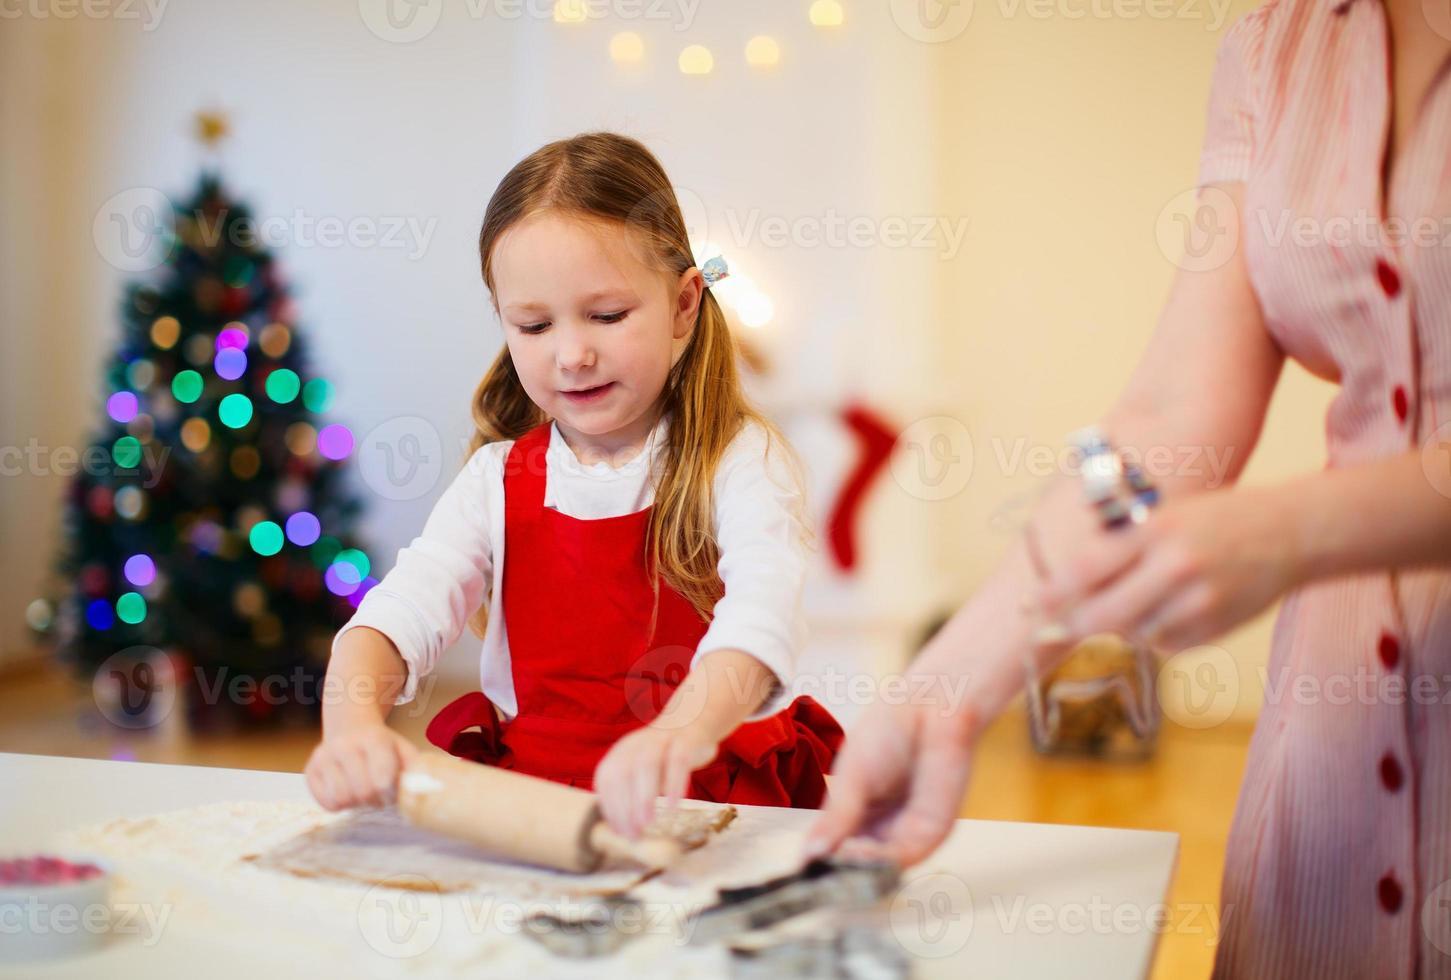 cottura della famiglia alla vigilia di Natale foto